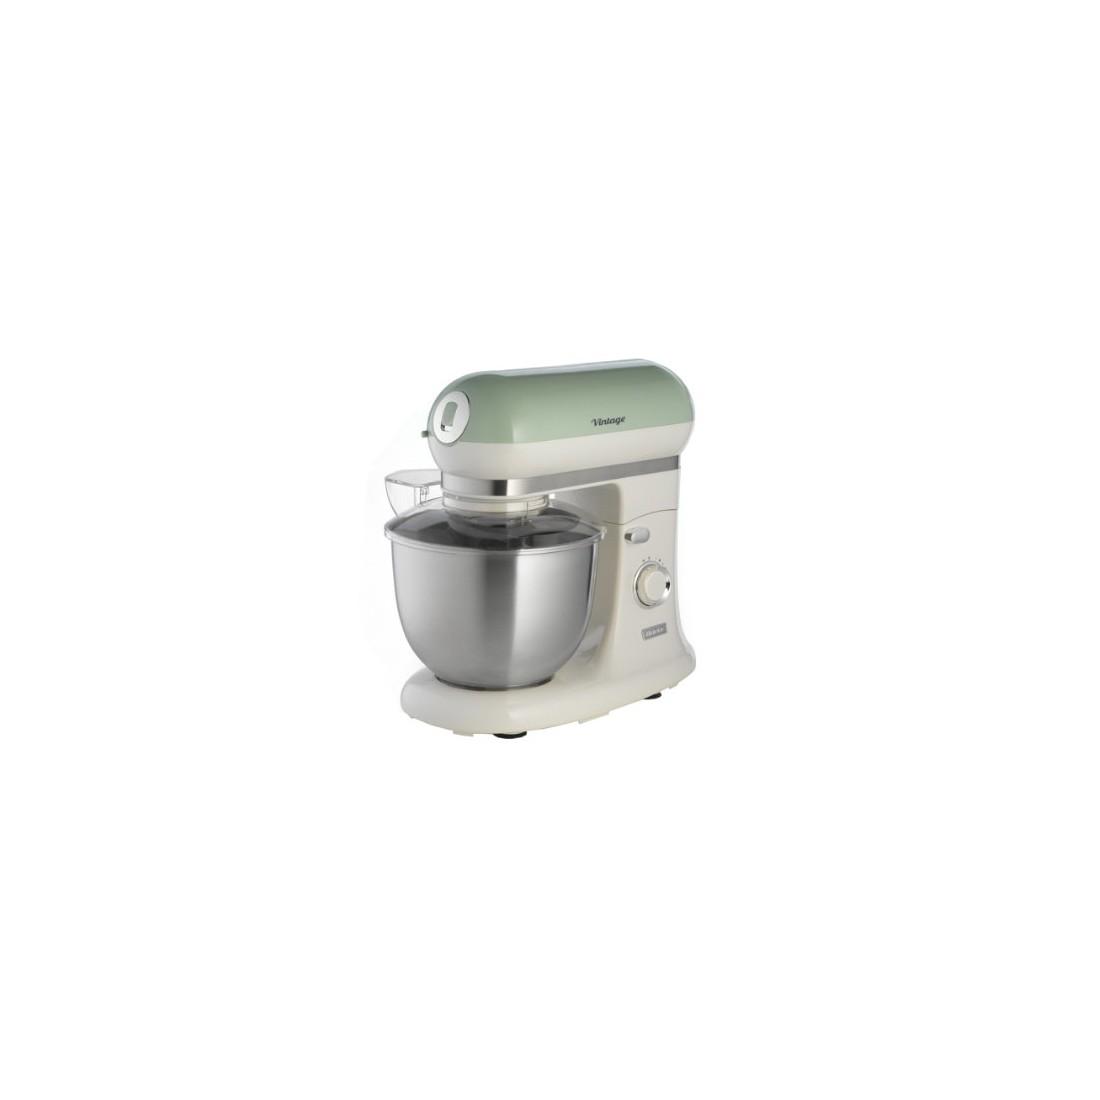 Microondas CECOTEC Grill 20L